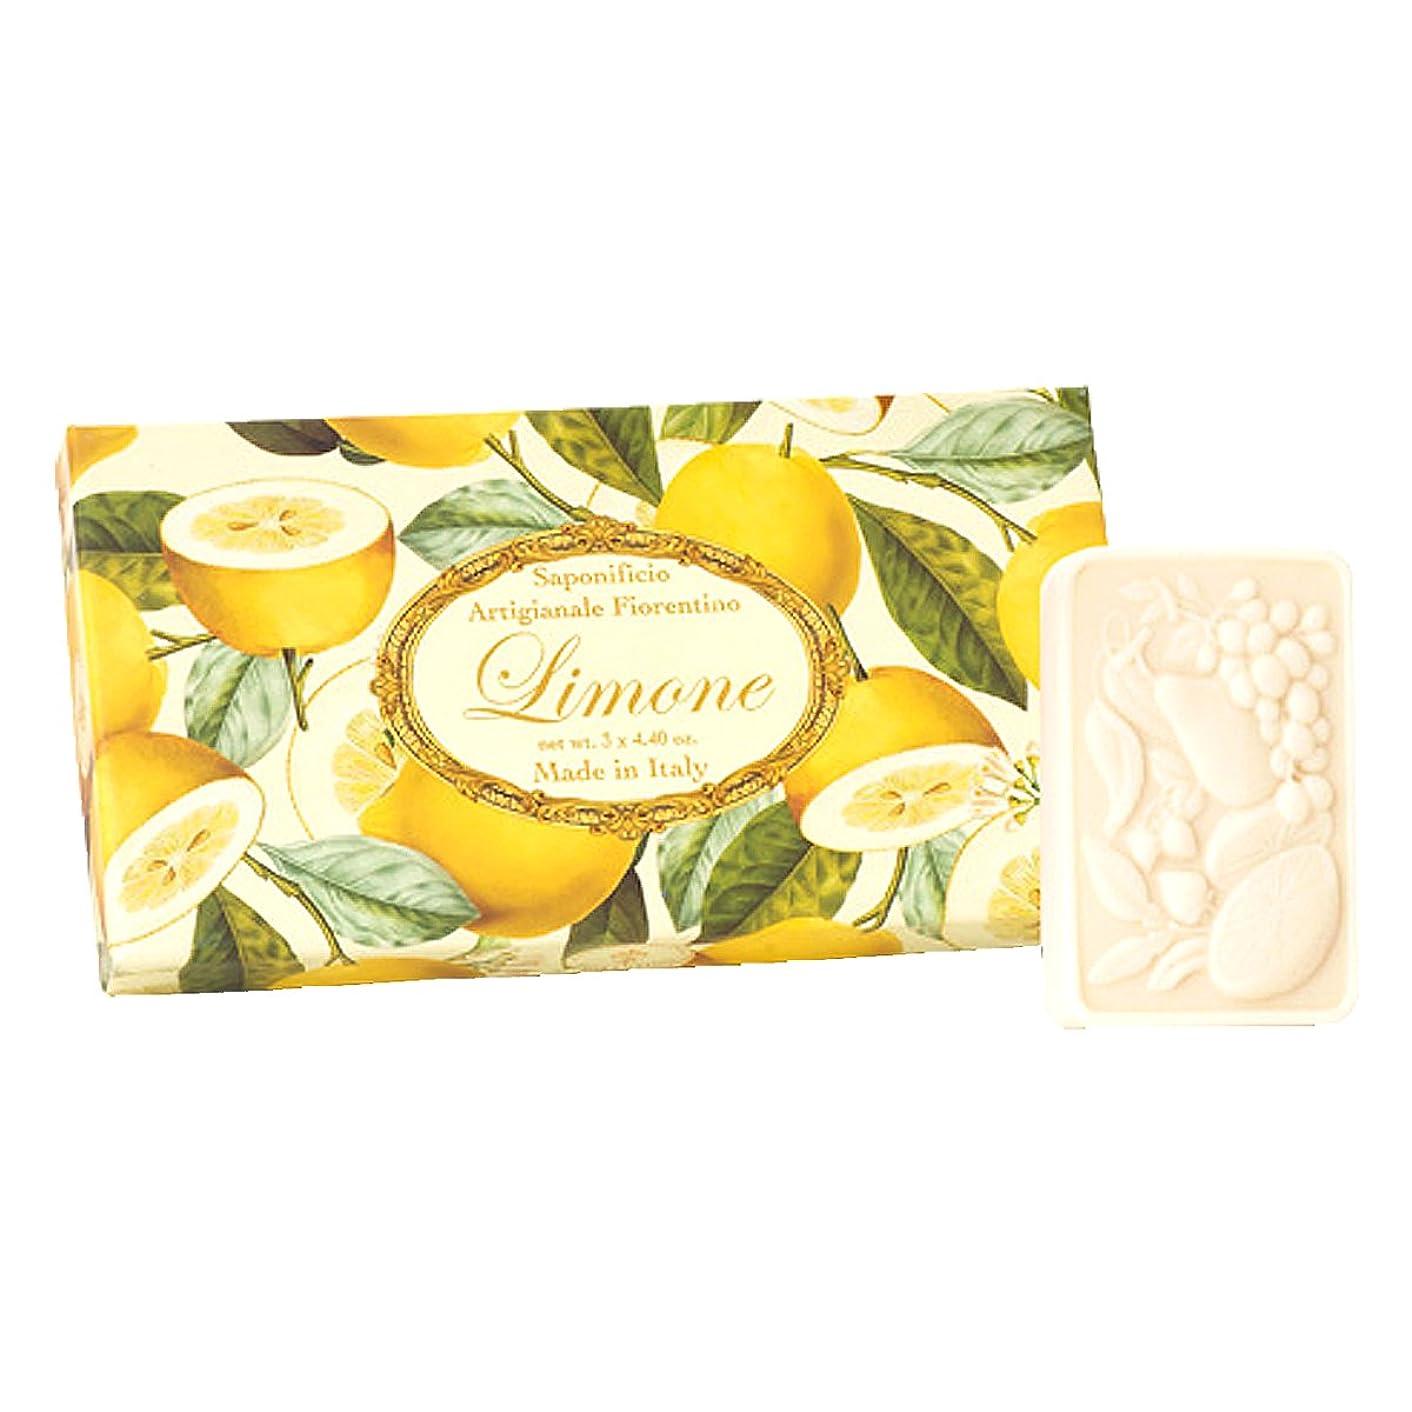 キャメル高度内部フィレンツェの 長い歴史から生まれたこだわり石鹸 レモン【刻印125g×3個セット】